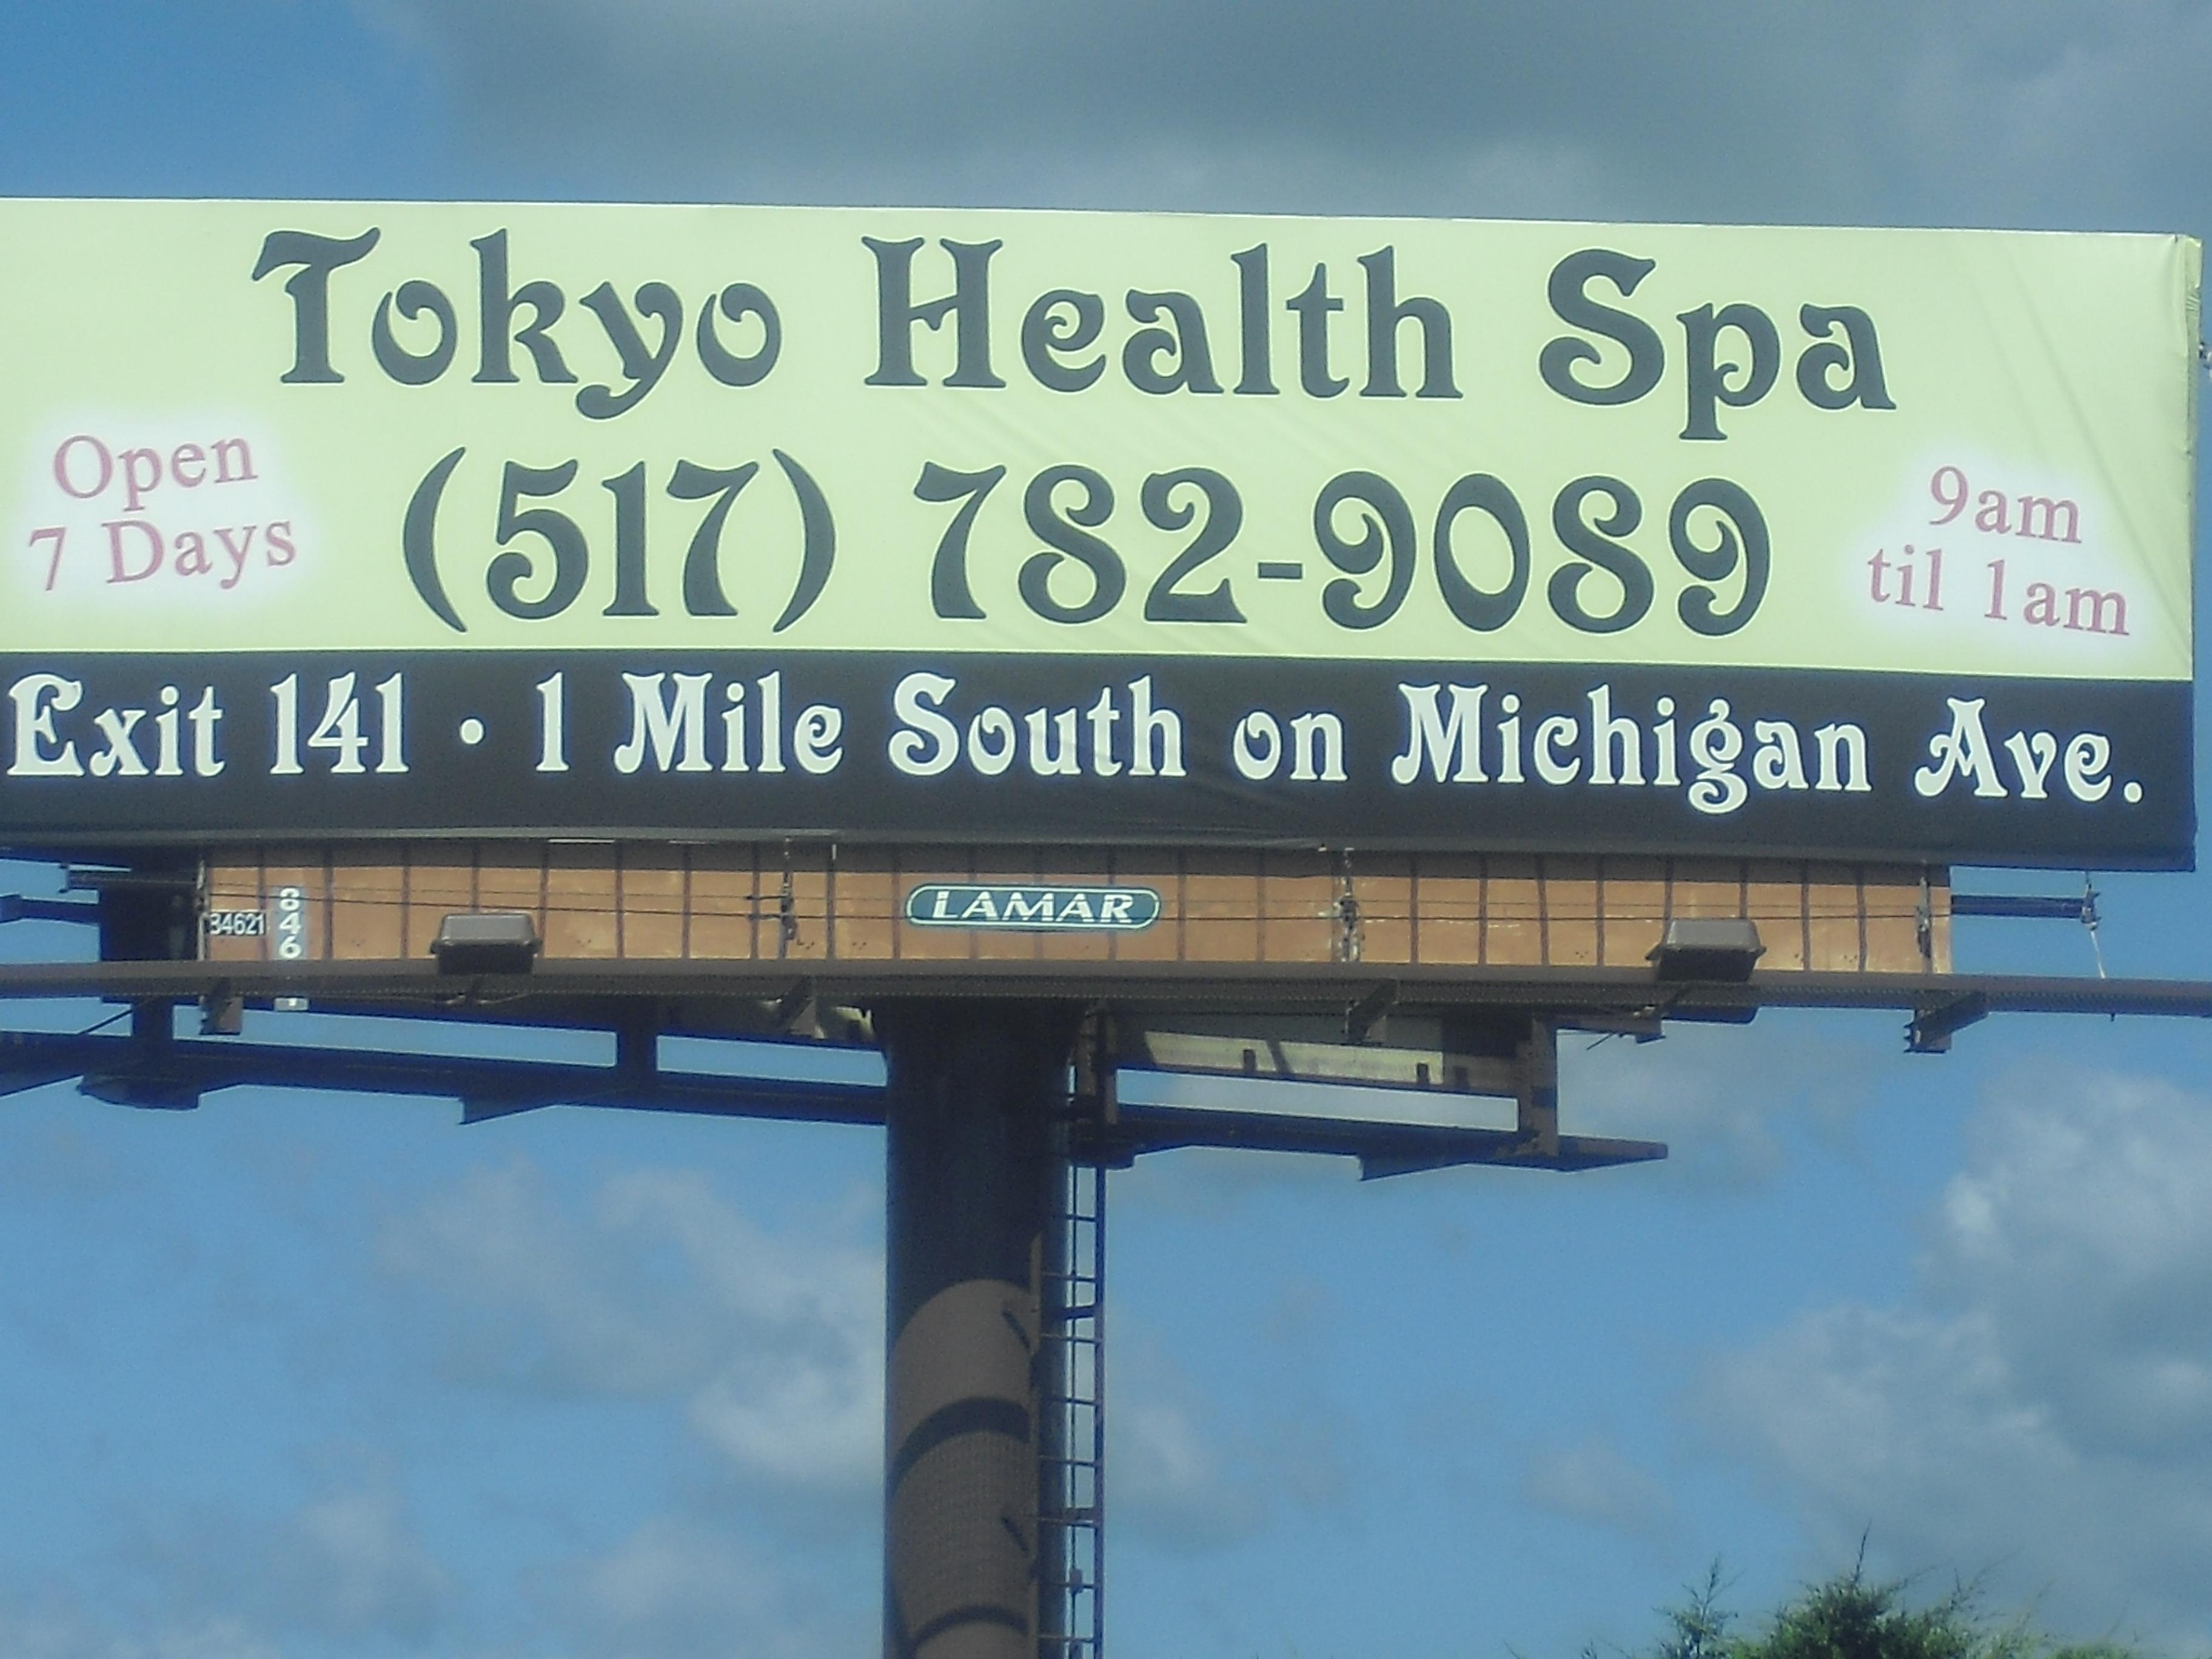 Health spa escorts michigan